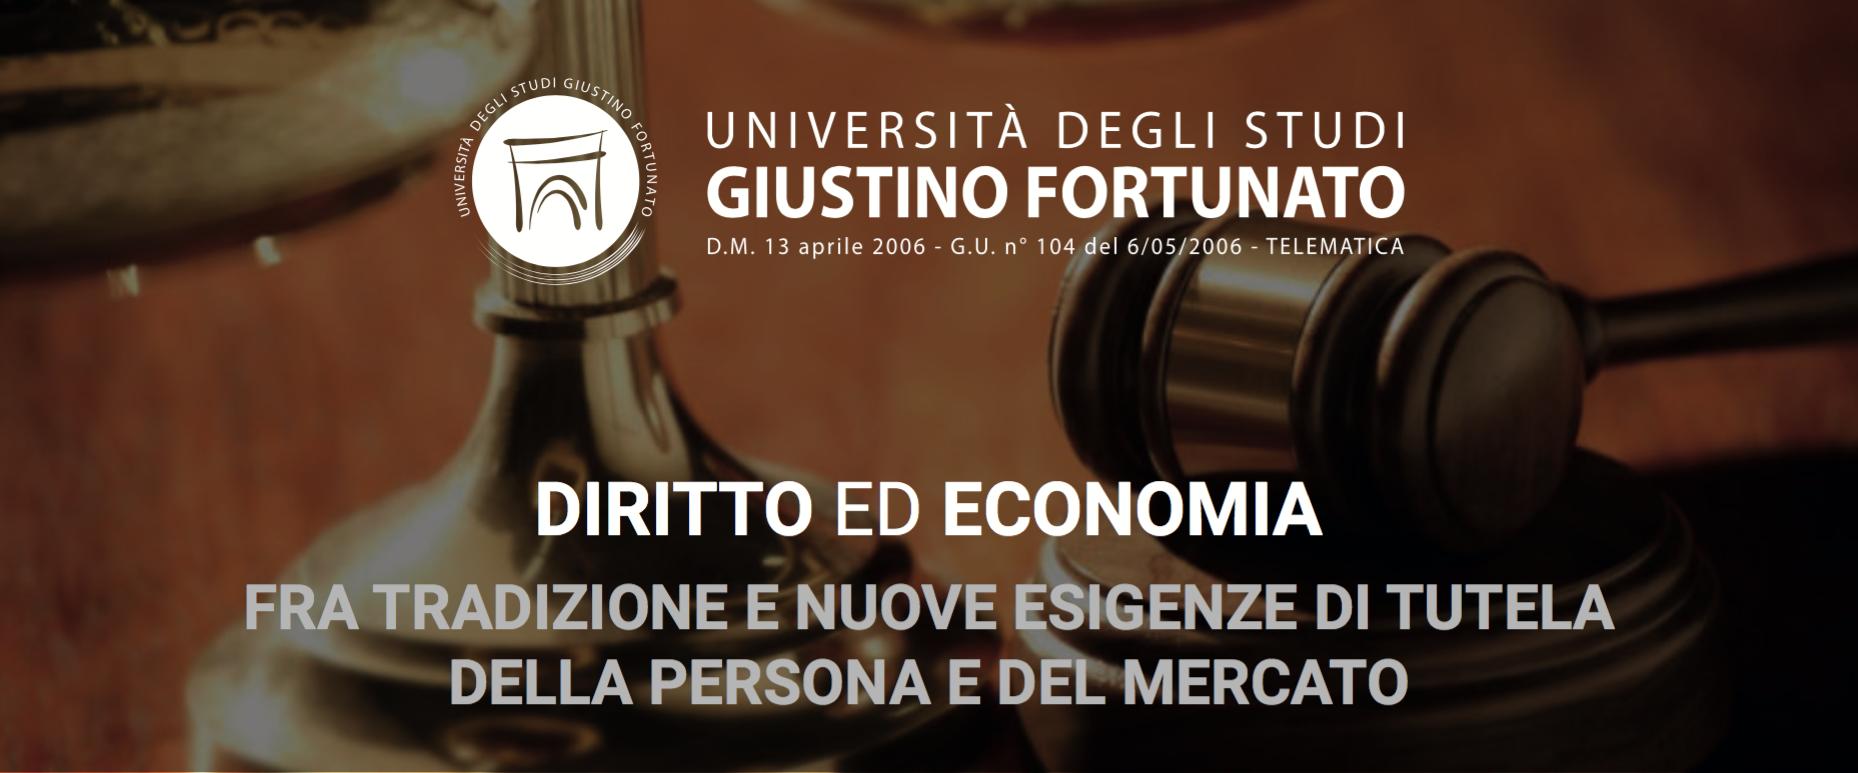 """Alla Giustino Fortunato il ciclo di seminari su """"Diritto ed Economia"""""""